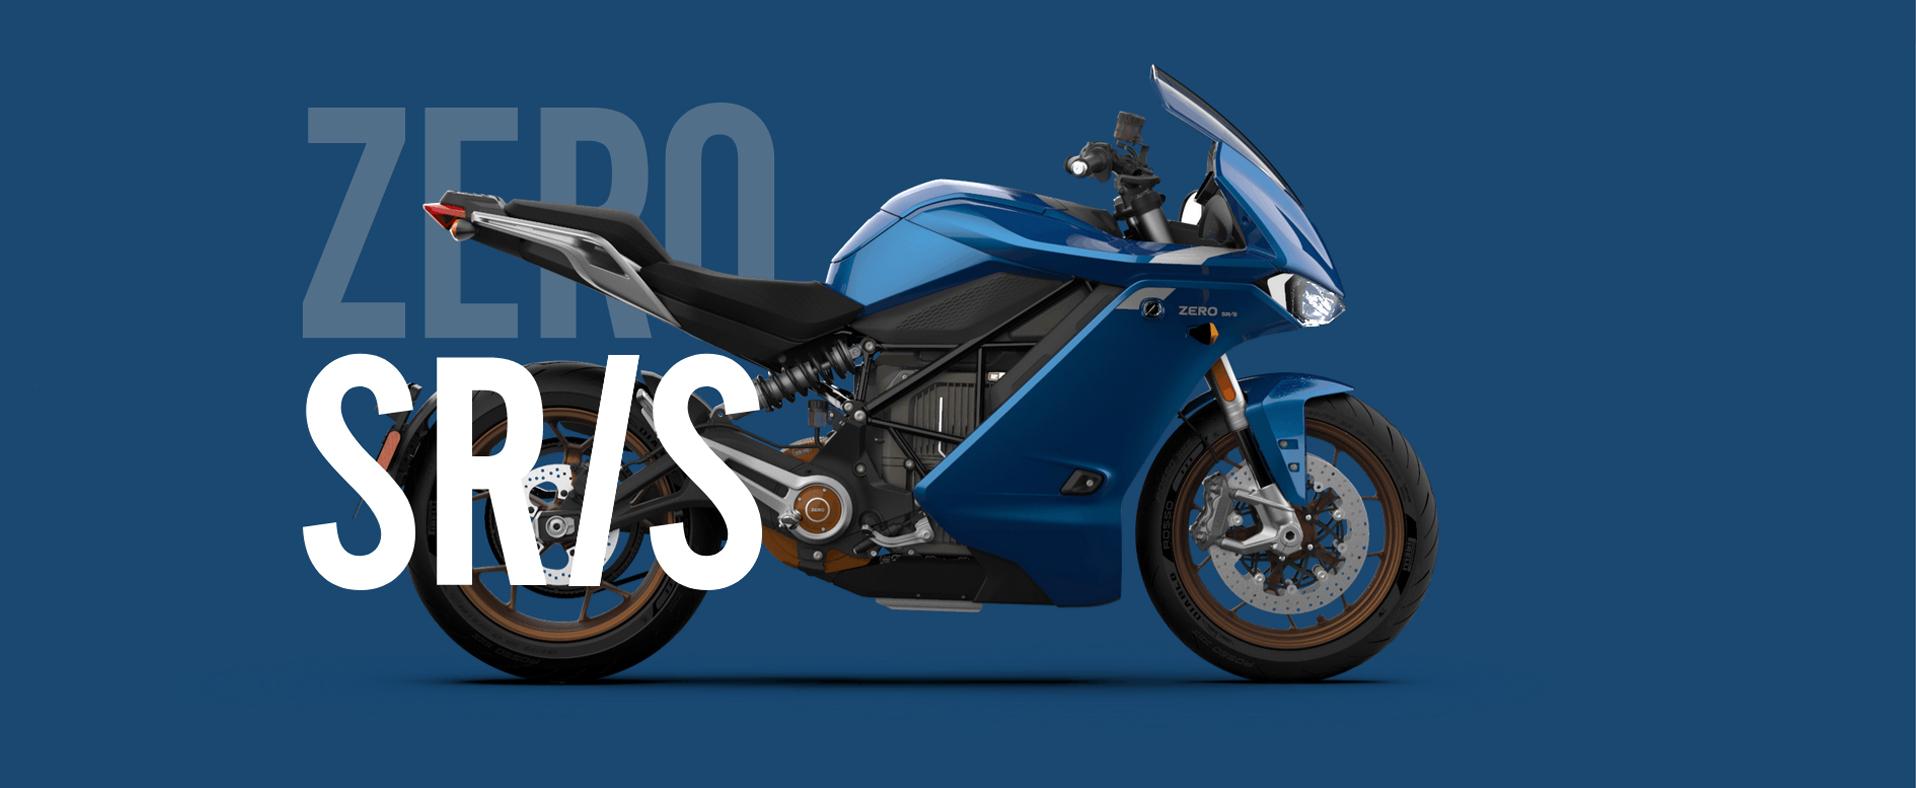 zero elektrische motorfiets srs